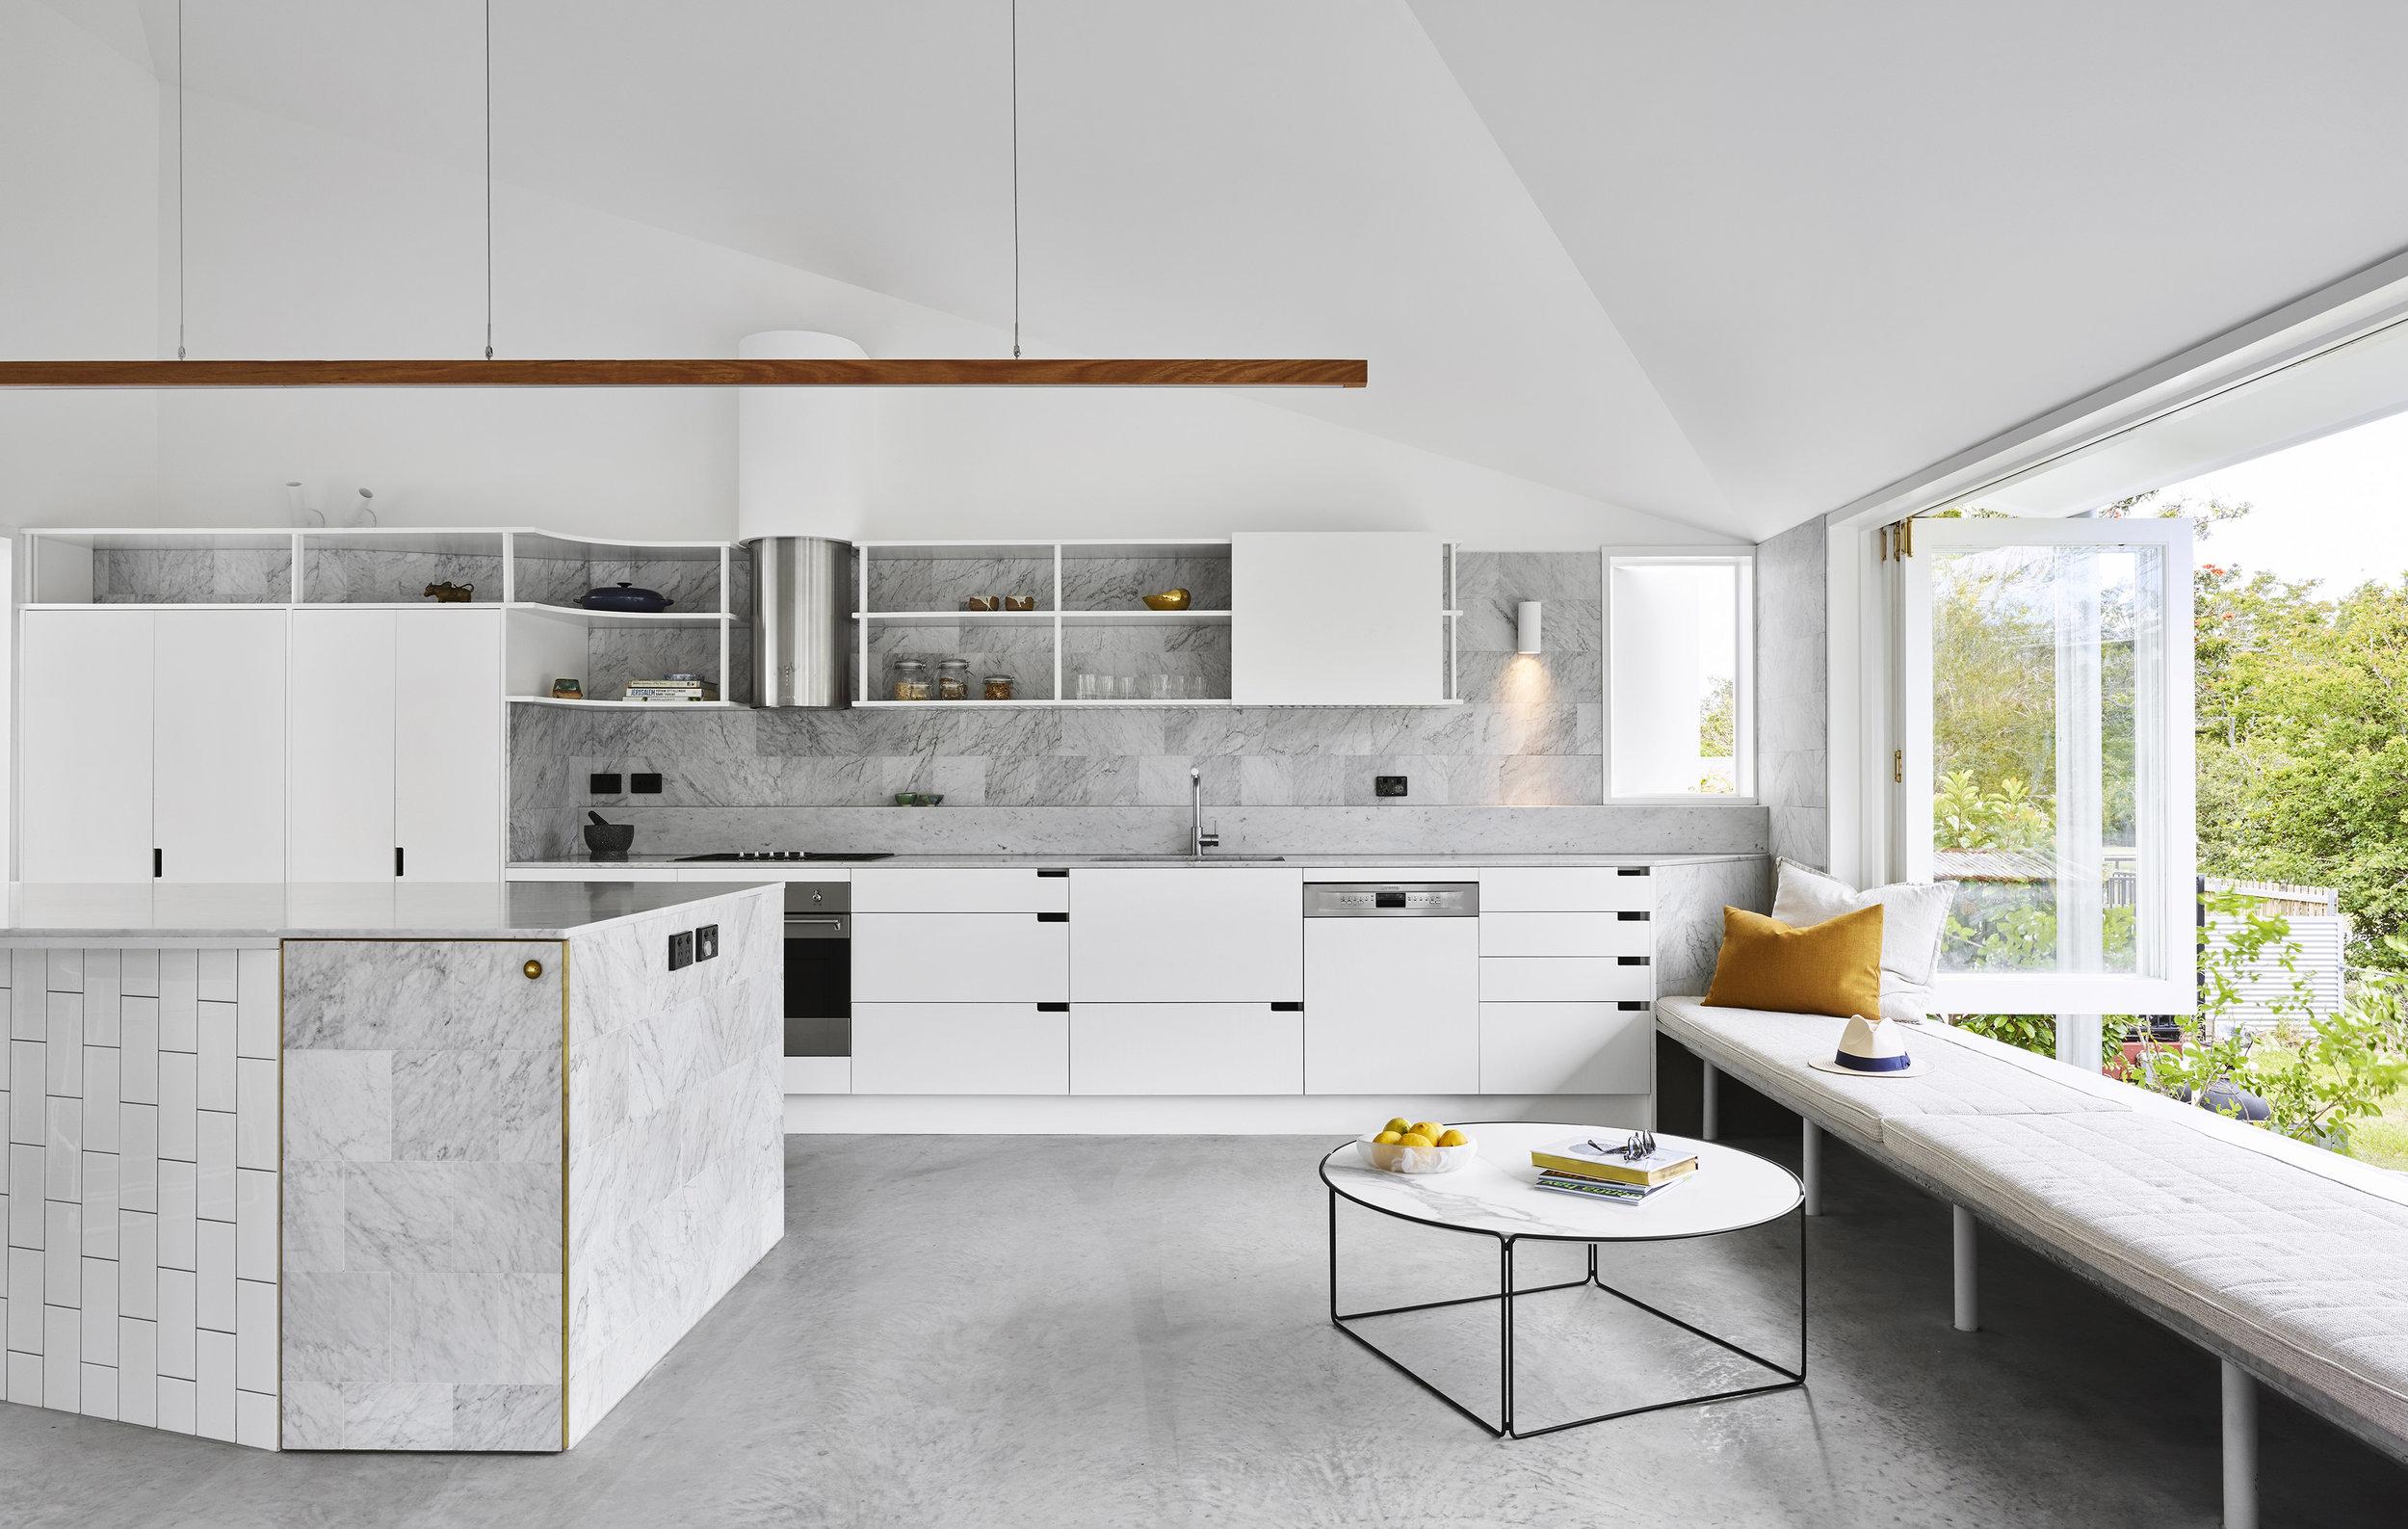 Bovelles St House | Owen Architecture55237©TobyScott.jpg